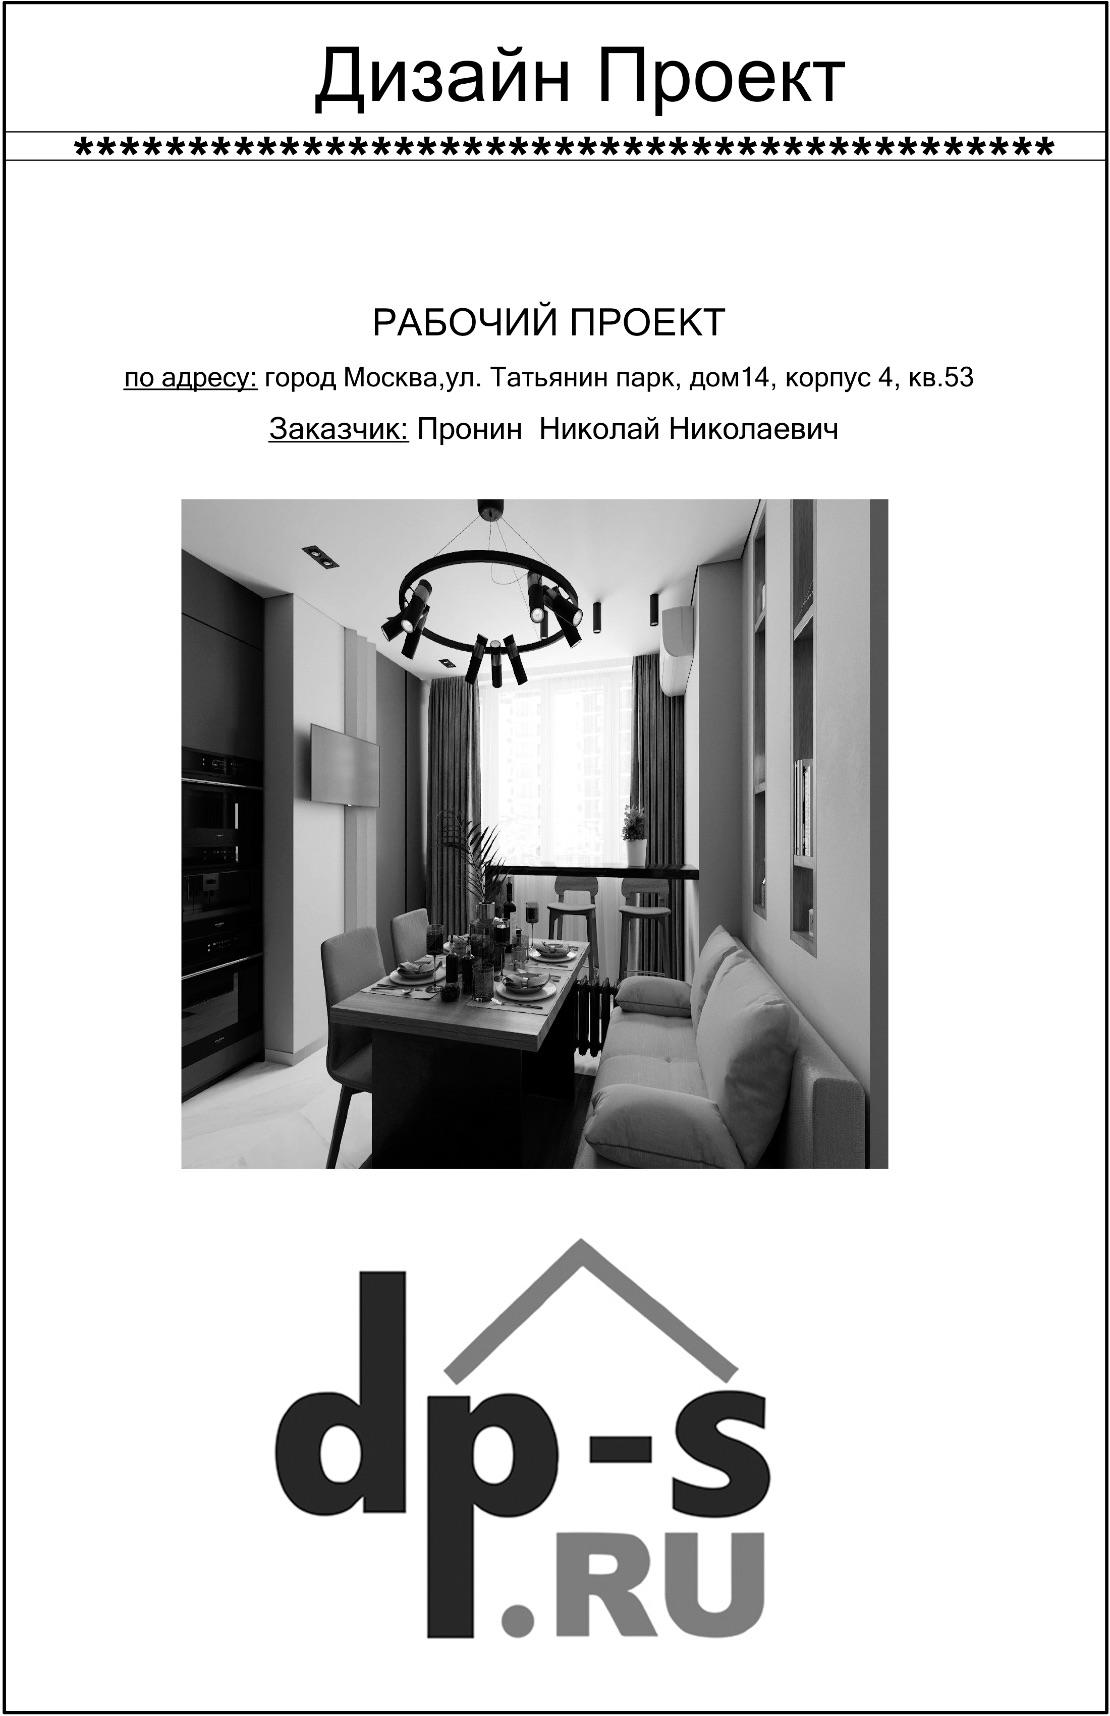 пример дизайн проекта